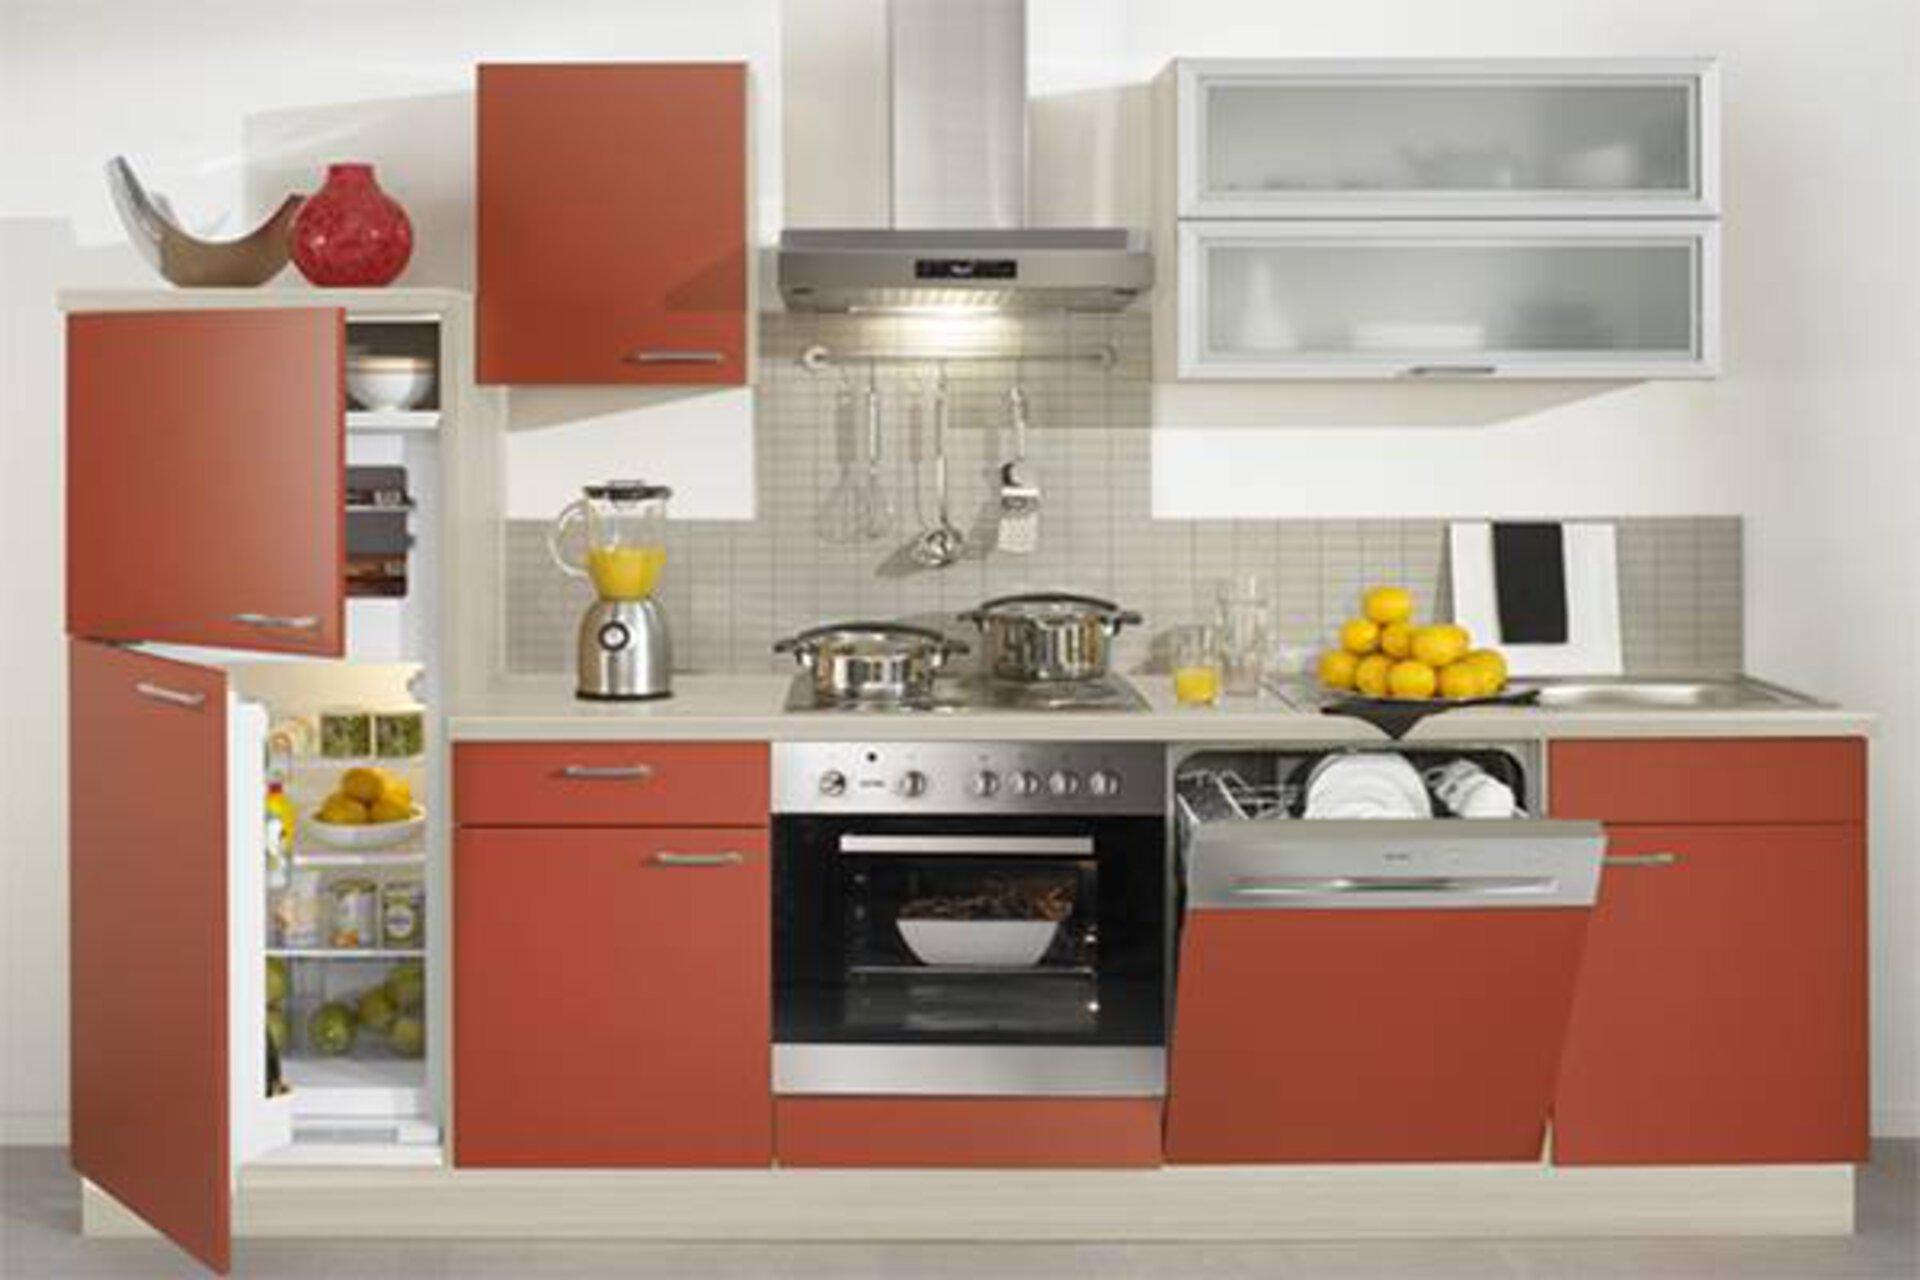 Eine komplette Küchenzeile mit rötliche Front und zahlreichen Einbaugeräten wie Backofen, Kühlschrank und Spülmaschine dient als Kategoriebild für Einbaugeräte in der Küche.